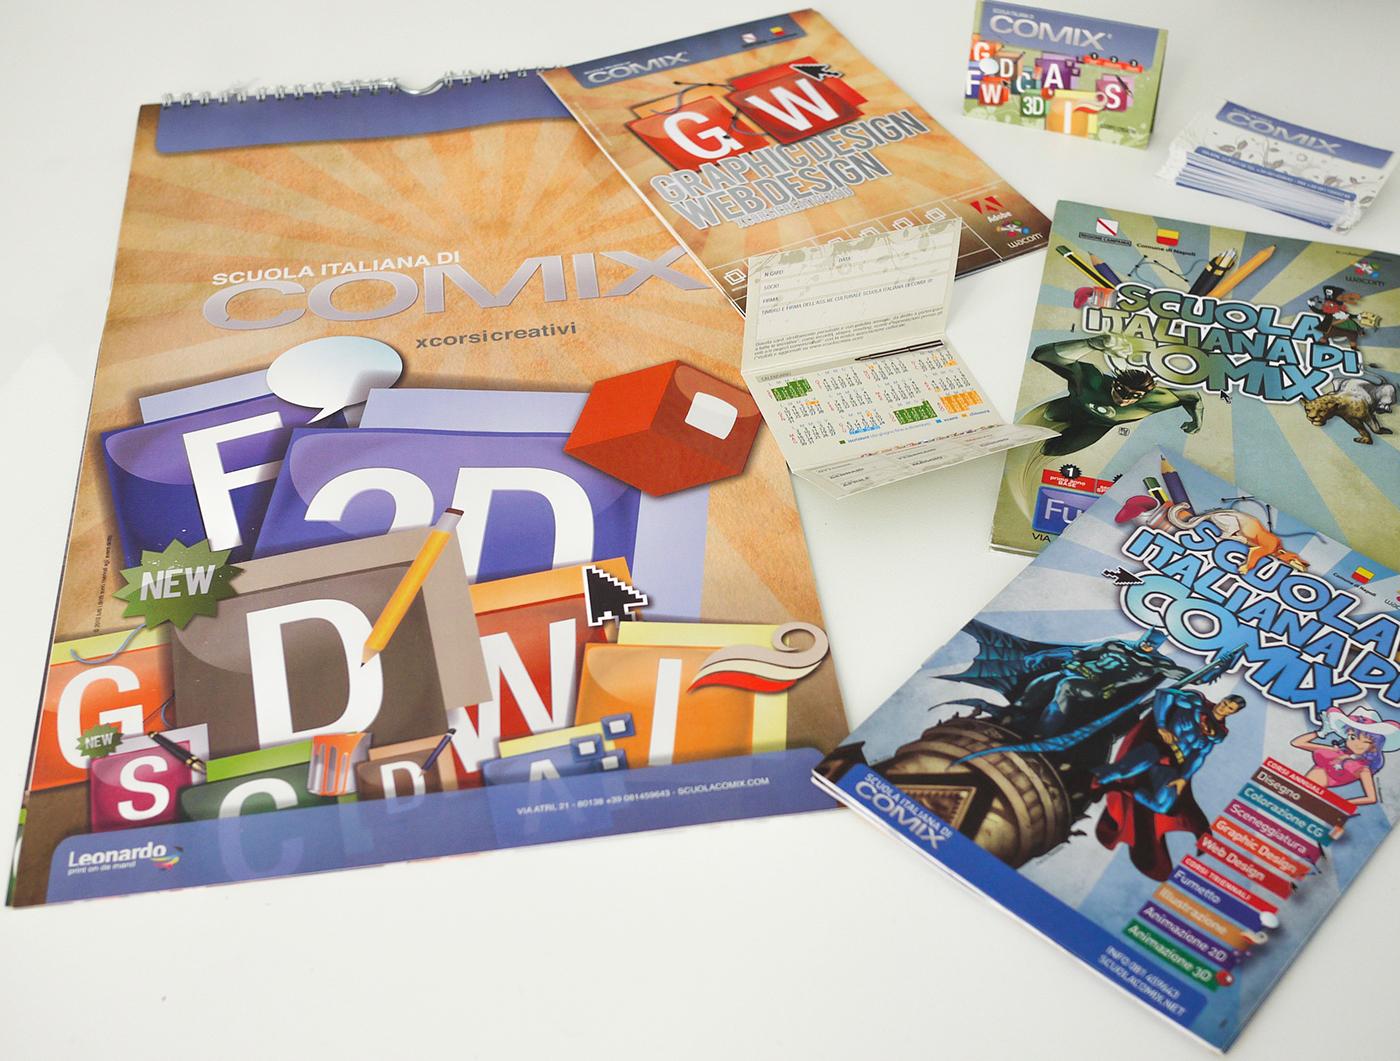 school  Graphic  comix scuola italiana di